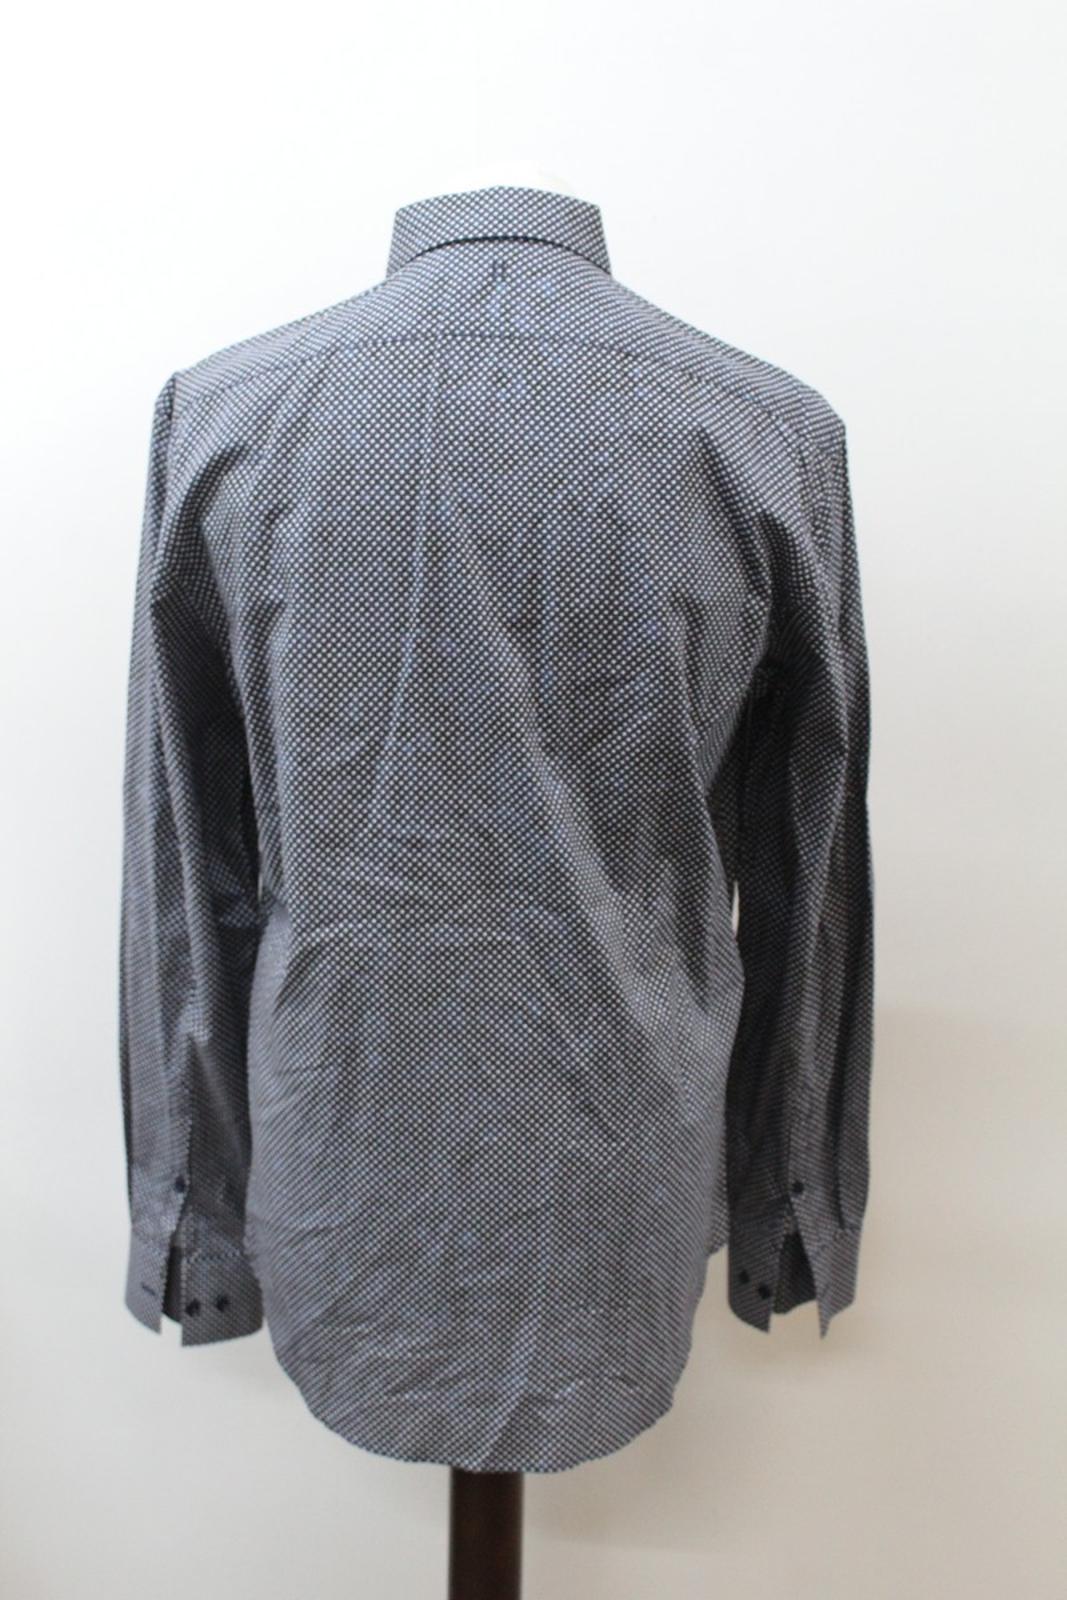 Neil-Barrett-Hombre-Azul-Negro-Algodon-Estampado-de-Estrellas-Formal-Camisa-Cuello-16-5-034-42cm miniatura 5